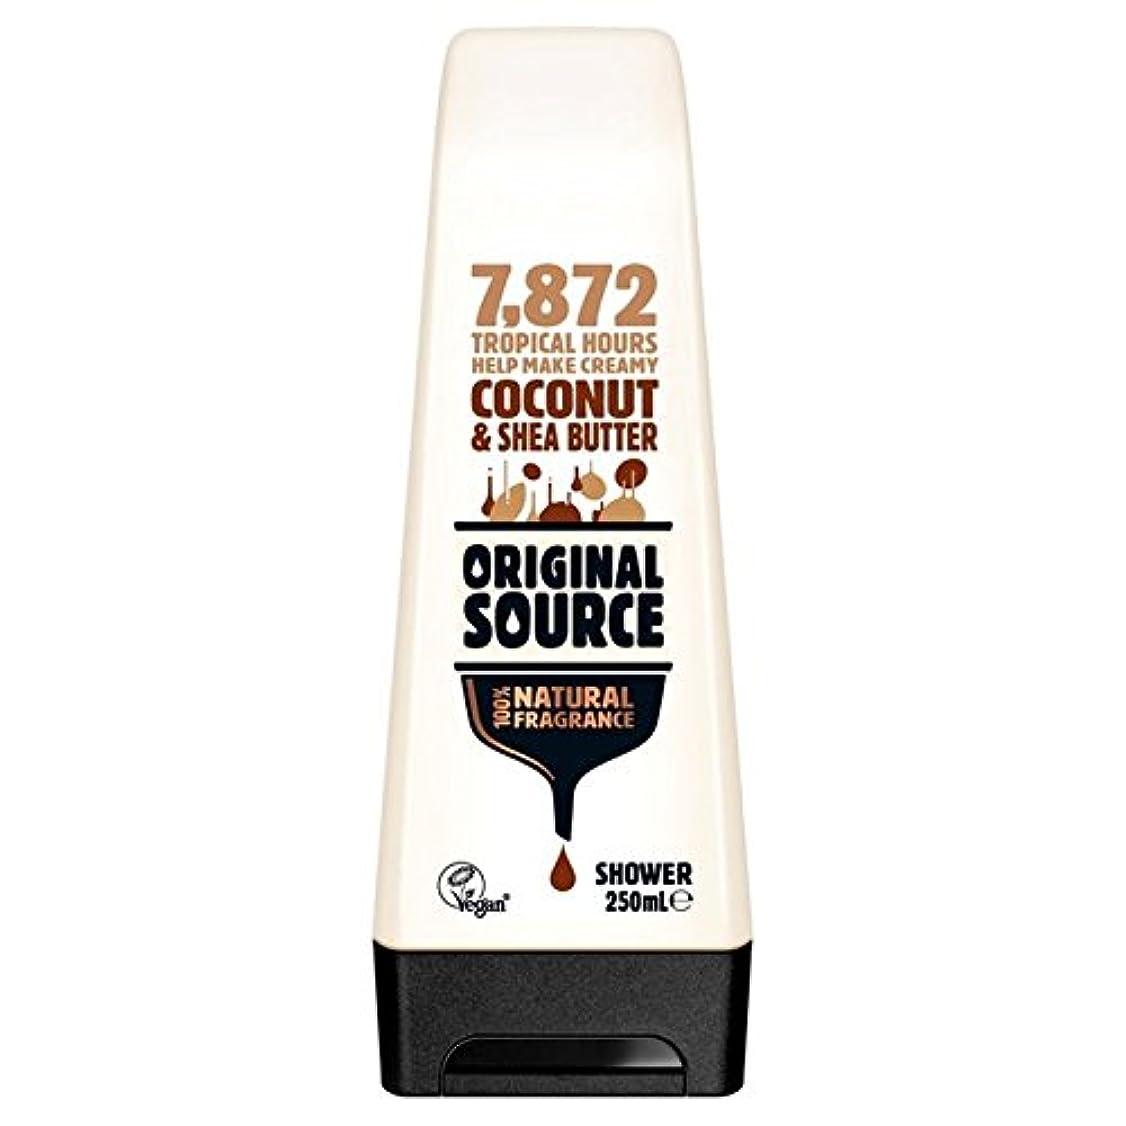 インフレーション雑品活力Original Source Moisturising Coconut & Shea Butter Shower Gel 250ml - 元のソース保湿ココナッツ&シアバターシャワージェル250ミリリットル [並行輸入品]